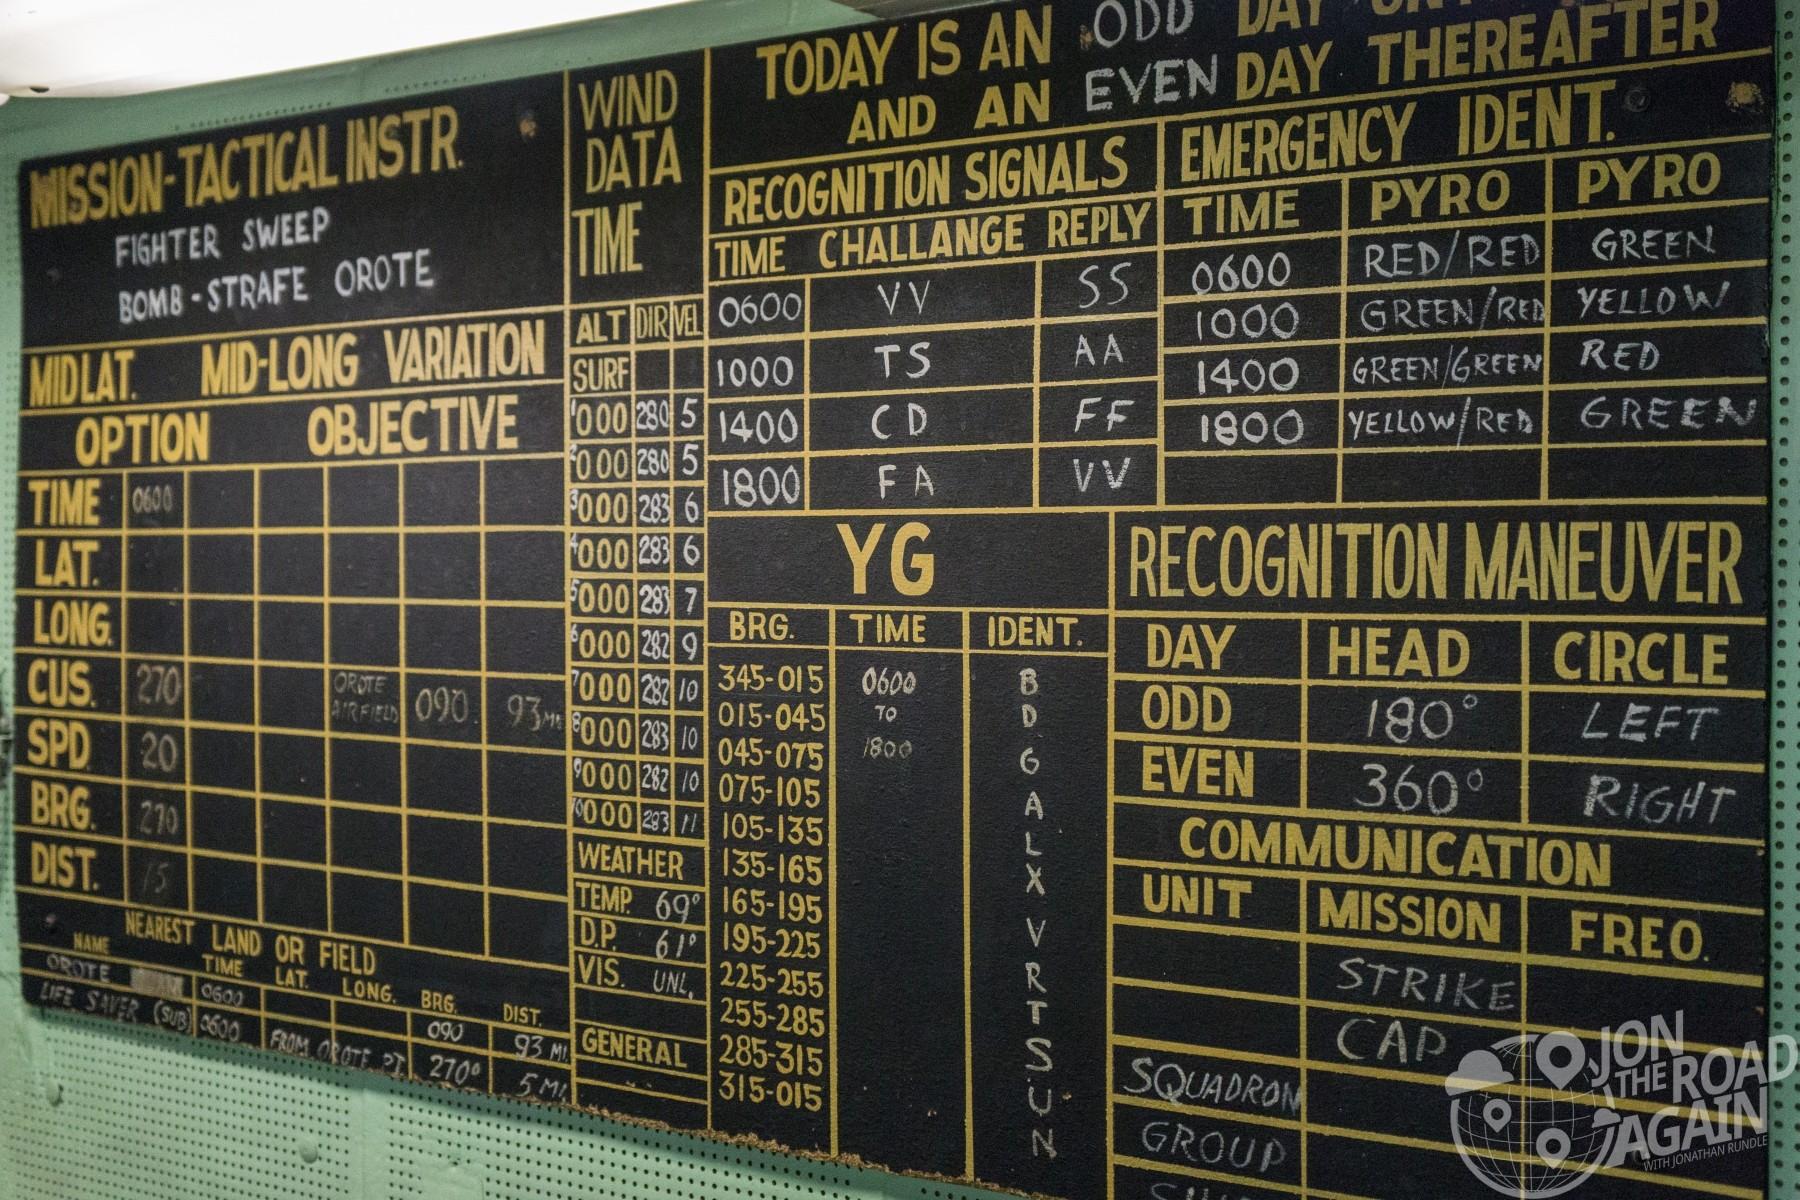 Pilot schedule on USS Yorktown